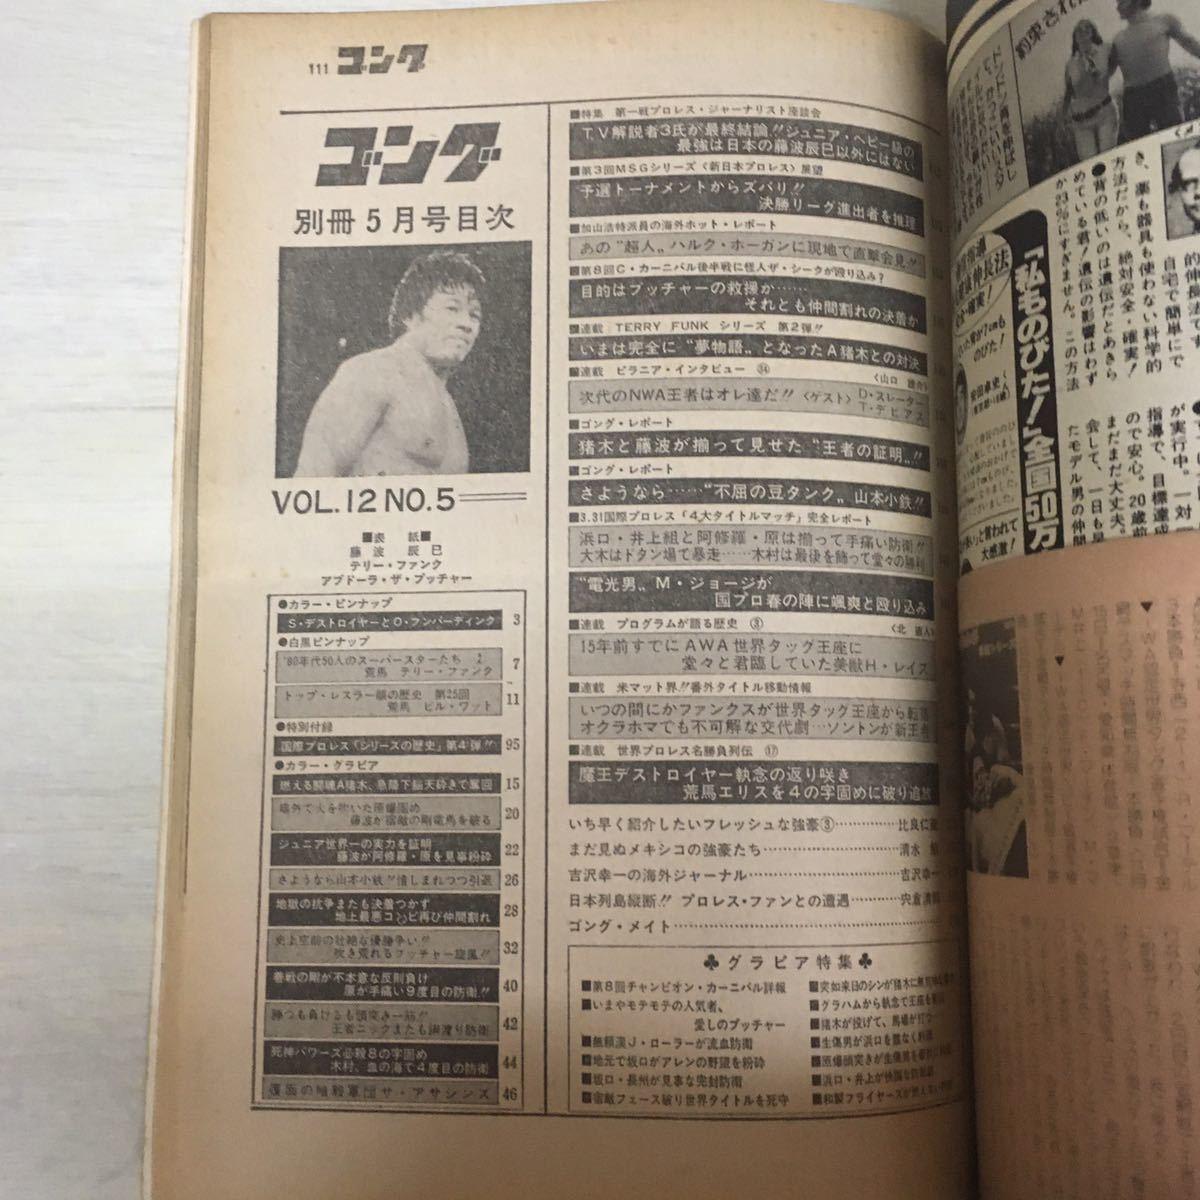 昭和プロレス 別冊ゴング アントニオ猪木 ジャイアント馬場 ブッチャー1980 5月号 1981 6月号セット レジェンドレスラーポスター6枚付_画像5